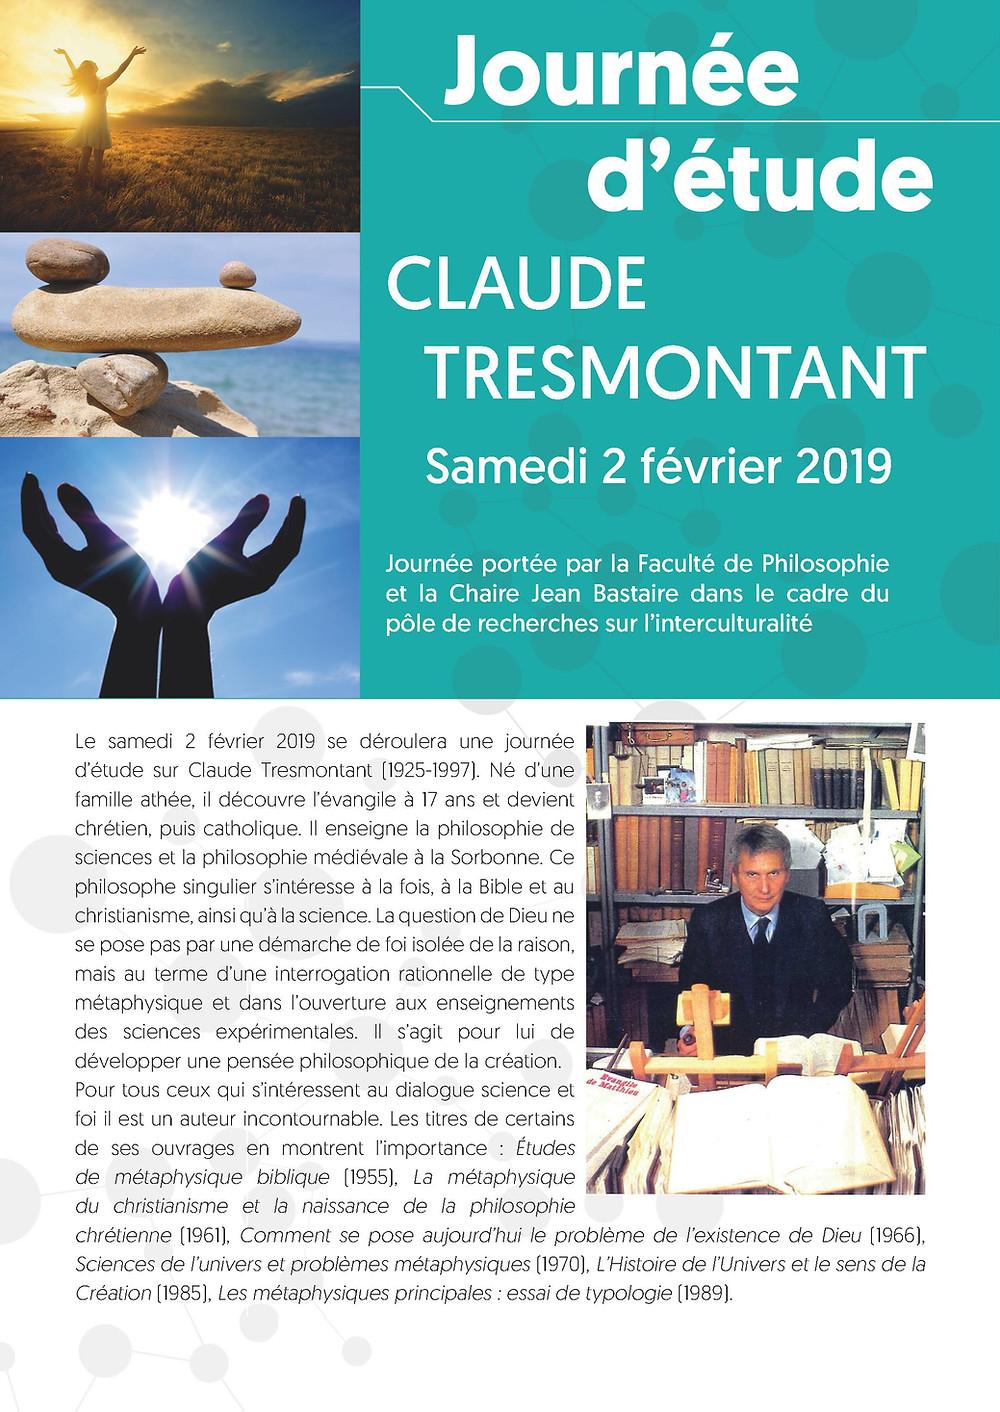 Journée d'étude Claude Tresmontant samedi 2 février 2019